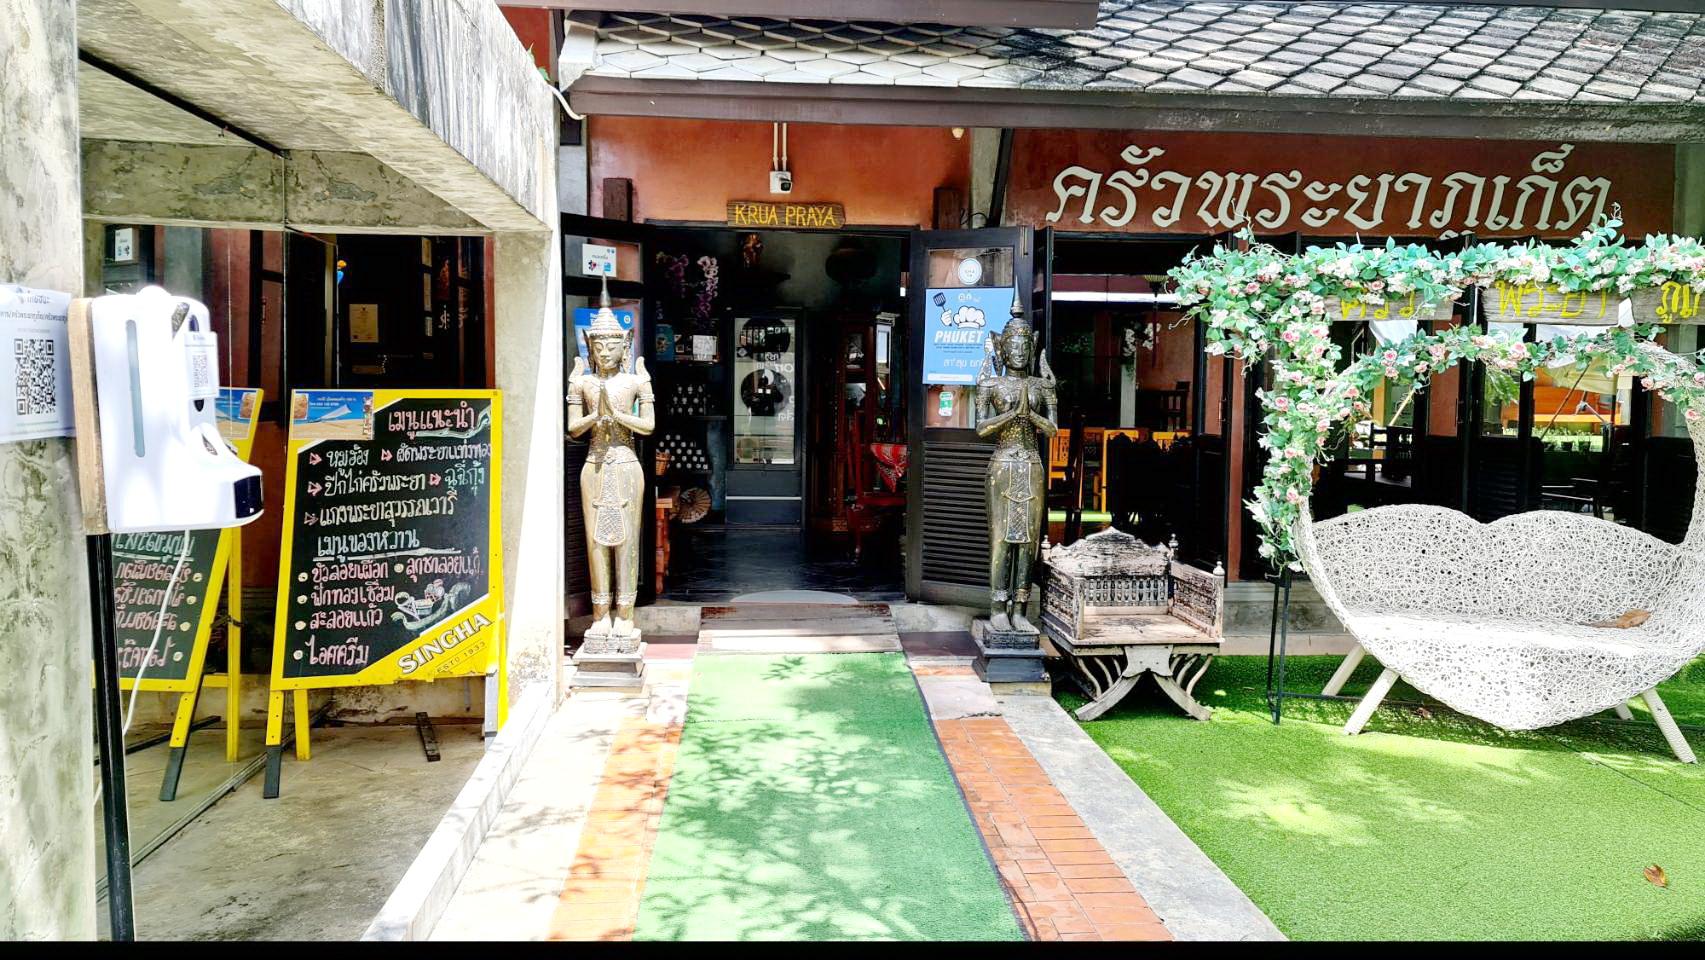 ร้านอาหารพื้นเมืองภูเก็ต